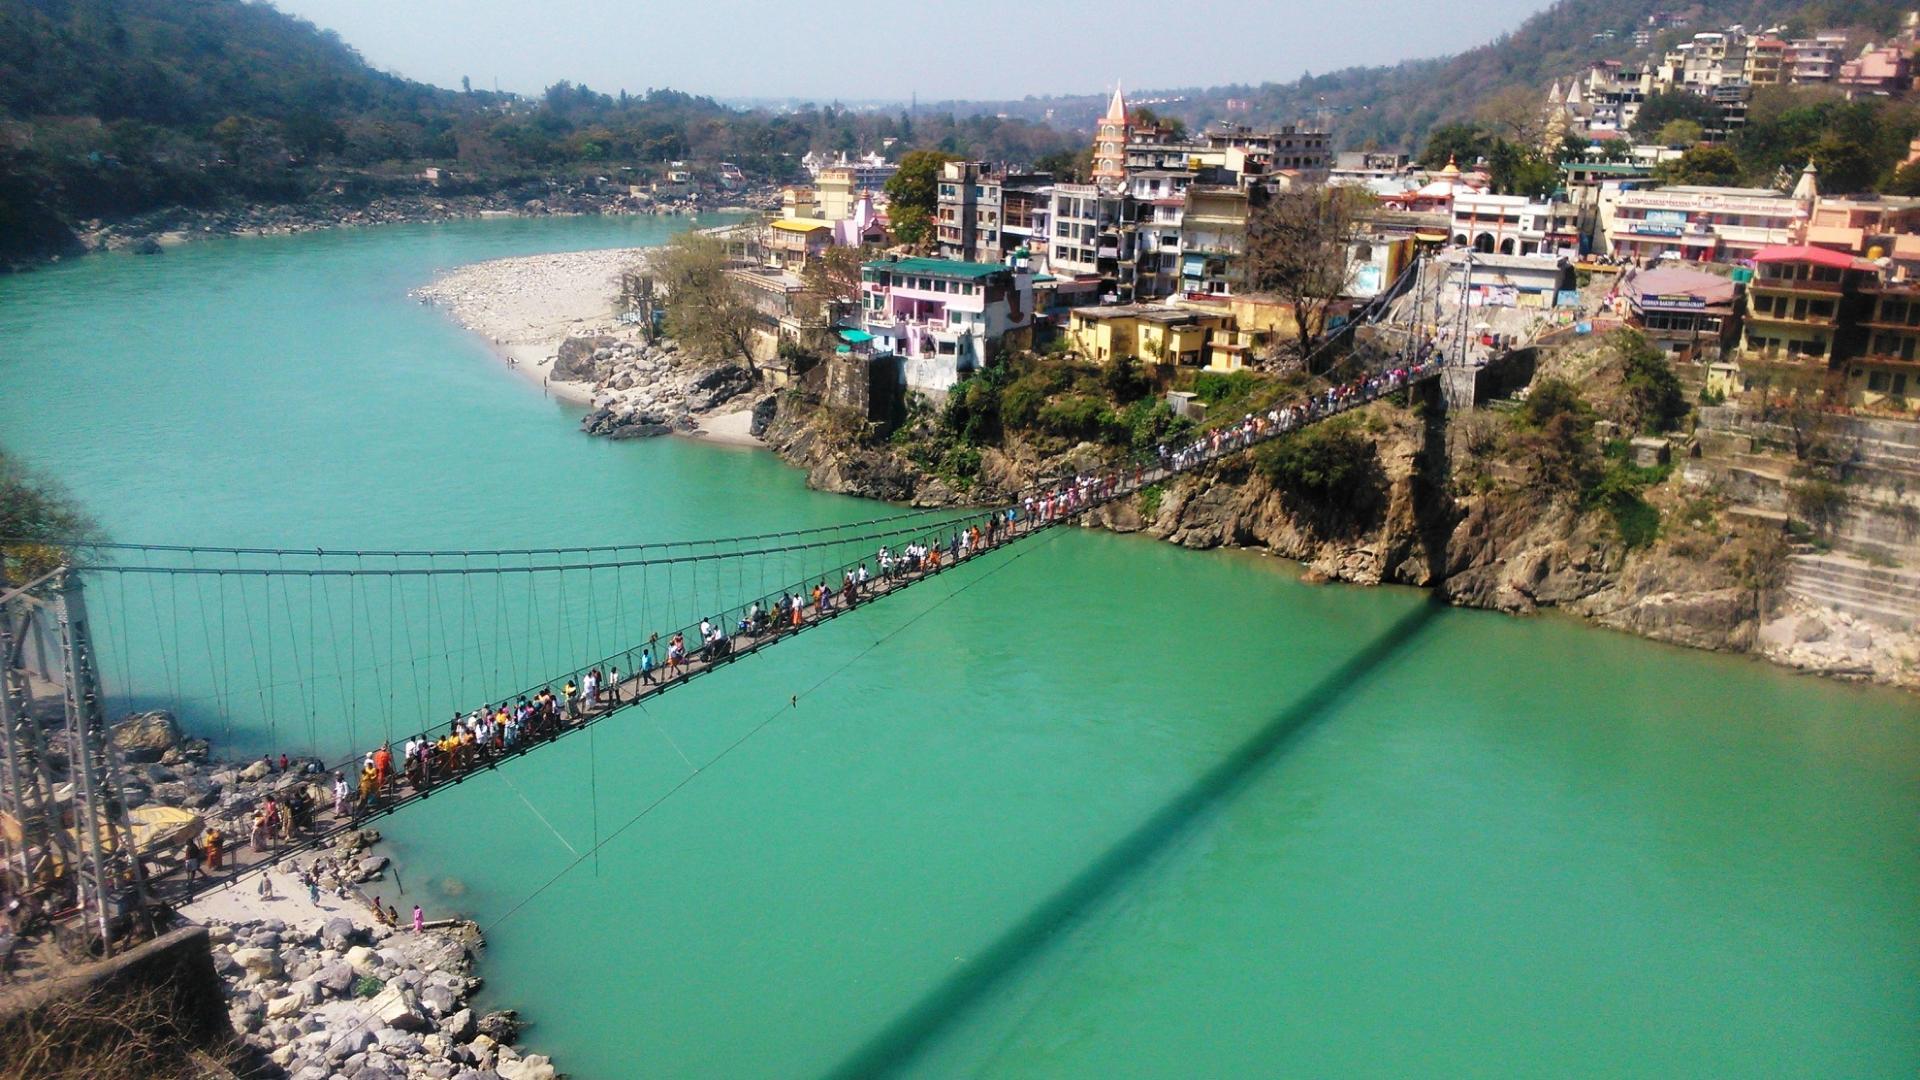 Tour rishikesh in uttarakhand for Piani di progettazione di ponti gratuiti